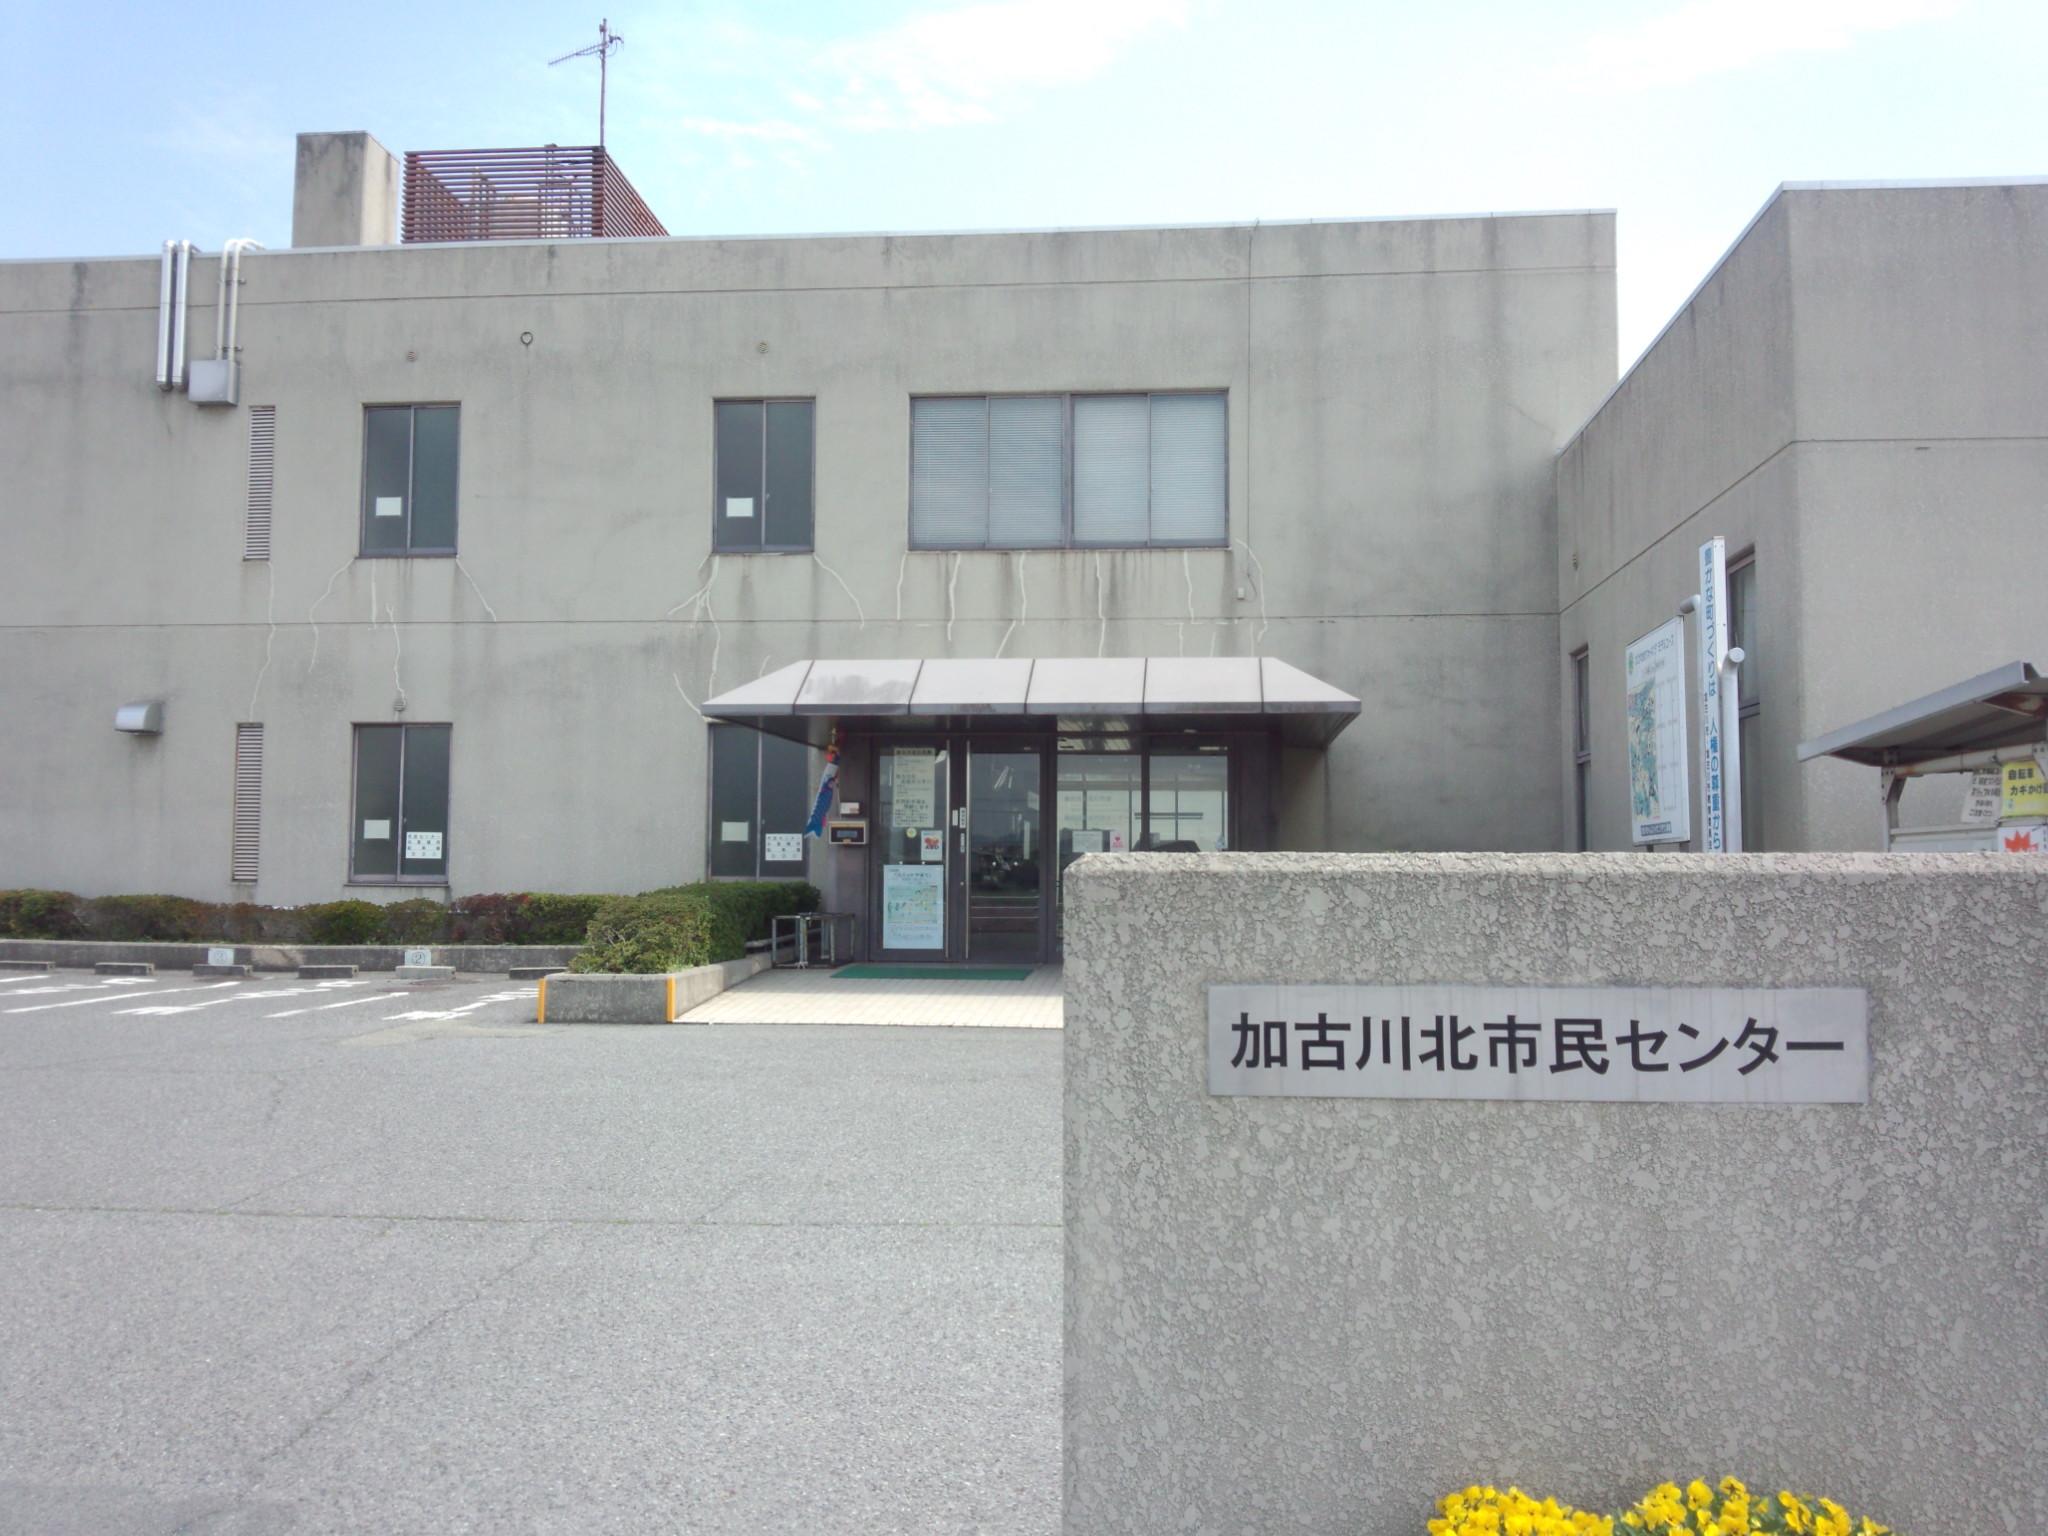 中央 市民 病院 加古川